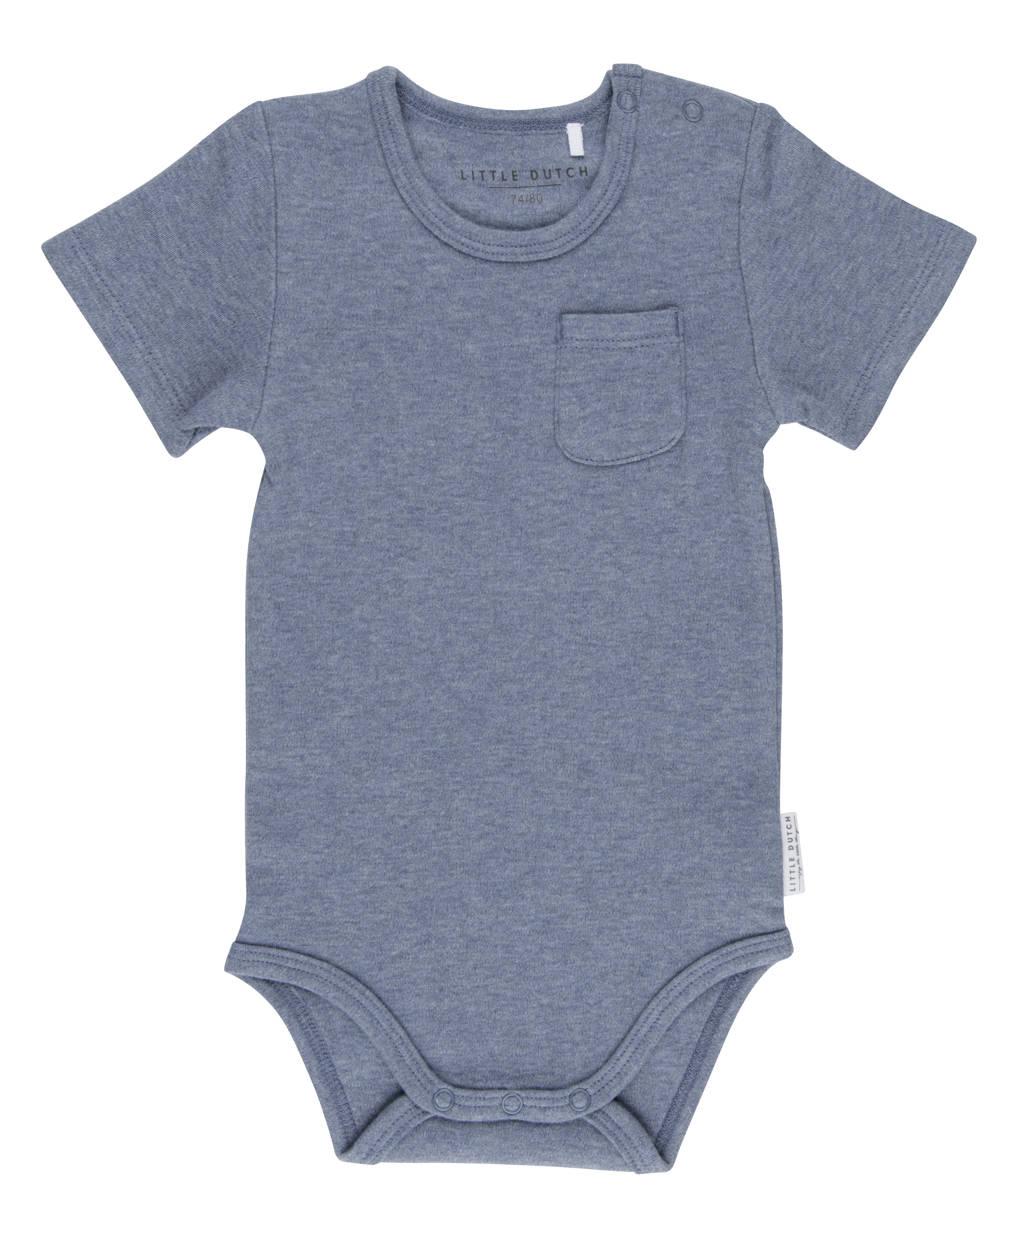 Little Dutch newborn baby romper korte mouw blauw, Blauw